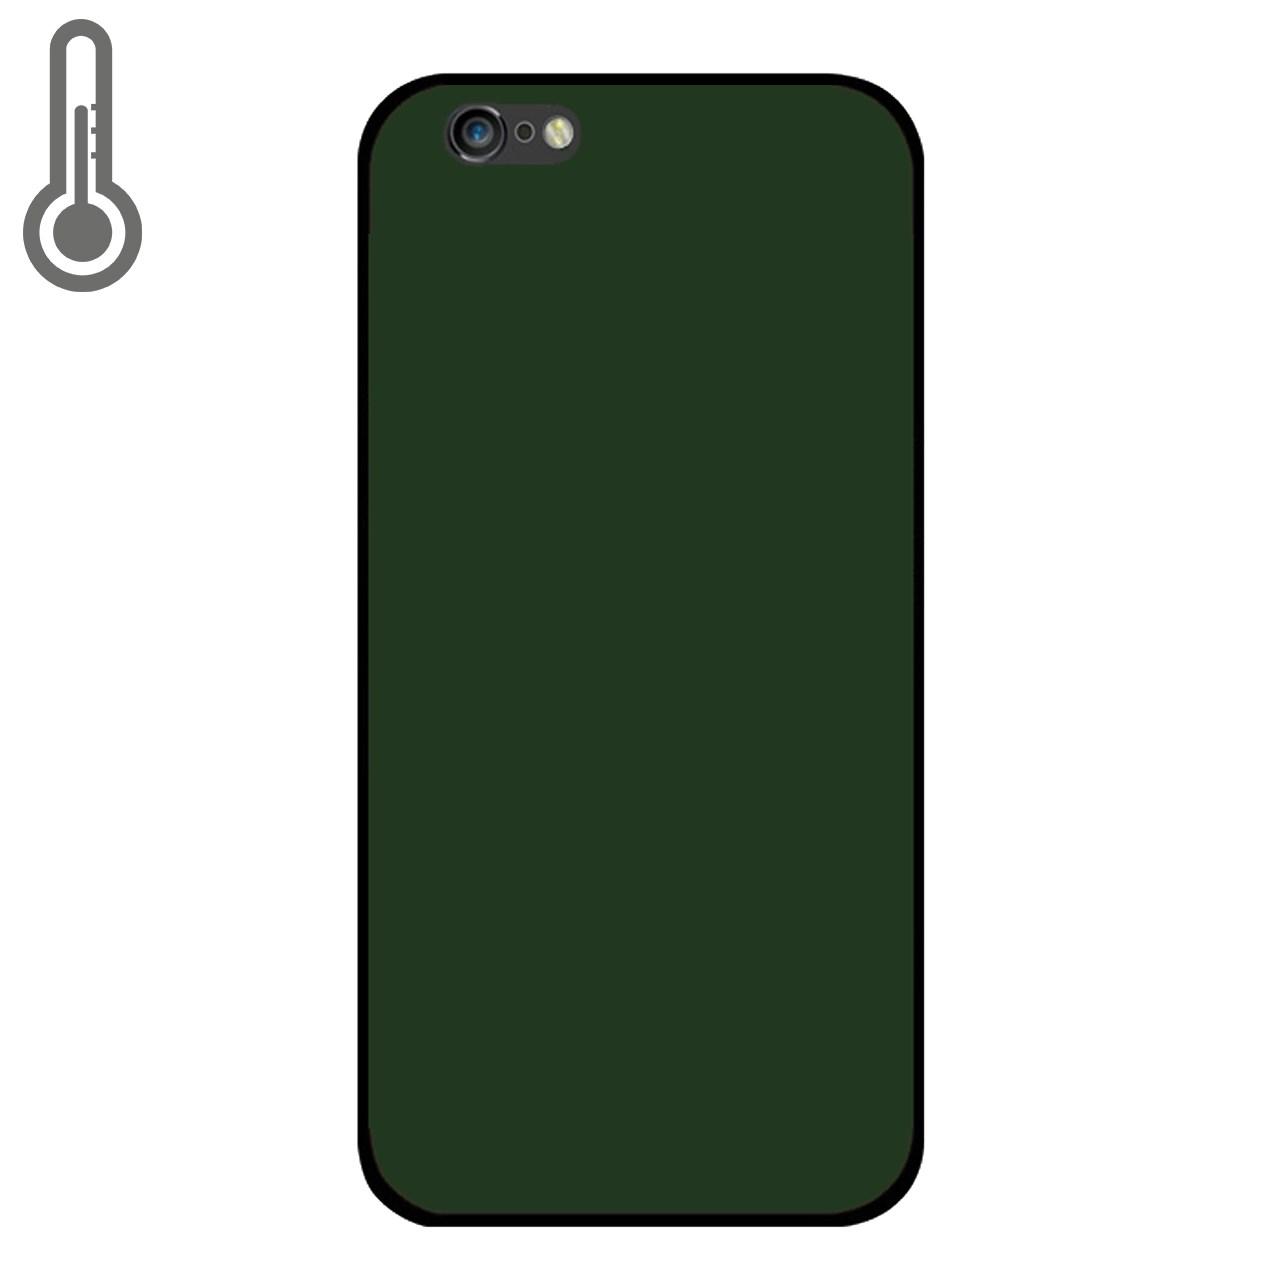 کاور حرارتی مناسب برای موبایل آیفون 6Plus/6sPlus